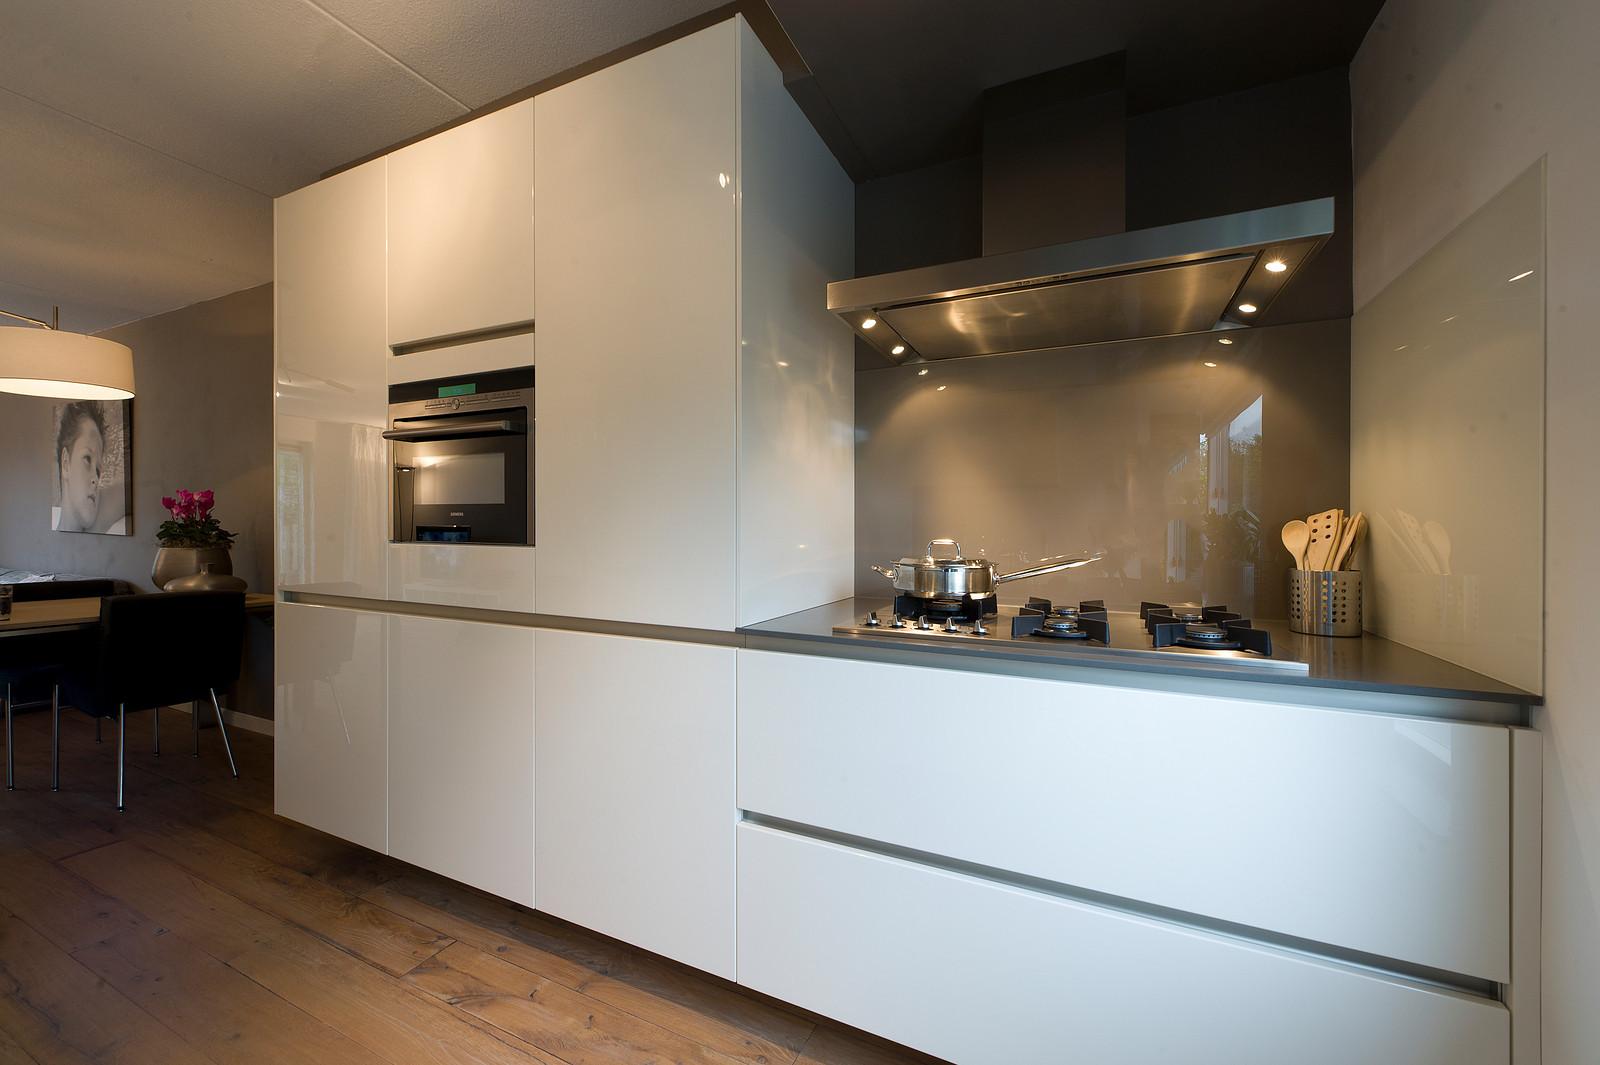 Witte hoogglans keukens: voorbeelden & inspiratie - Nieuws Startpagina ...